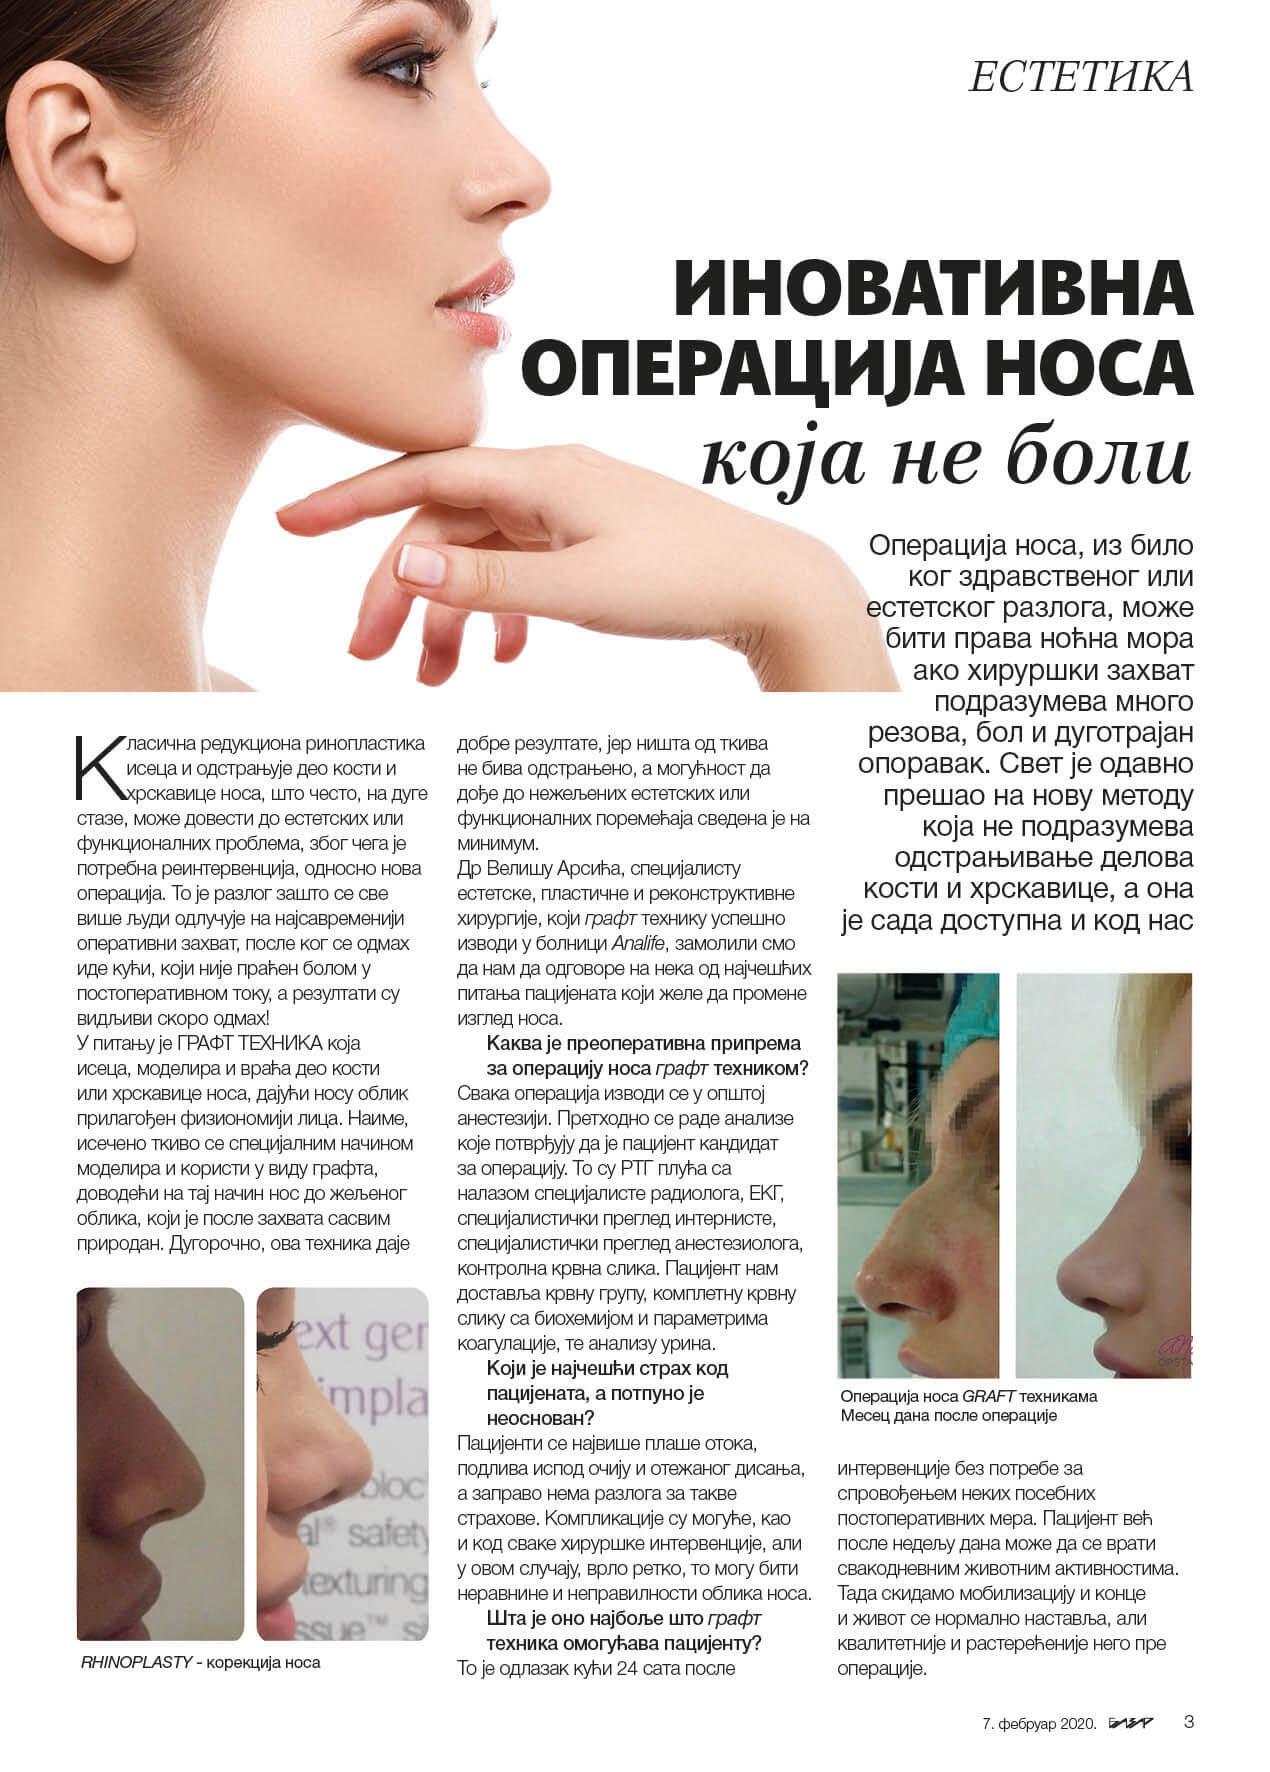 Inovativna operacija nosa koja ne boli!